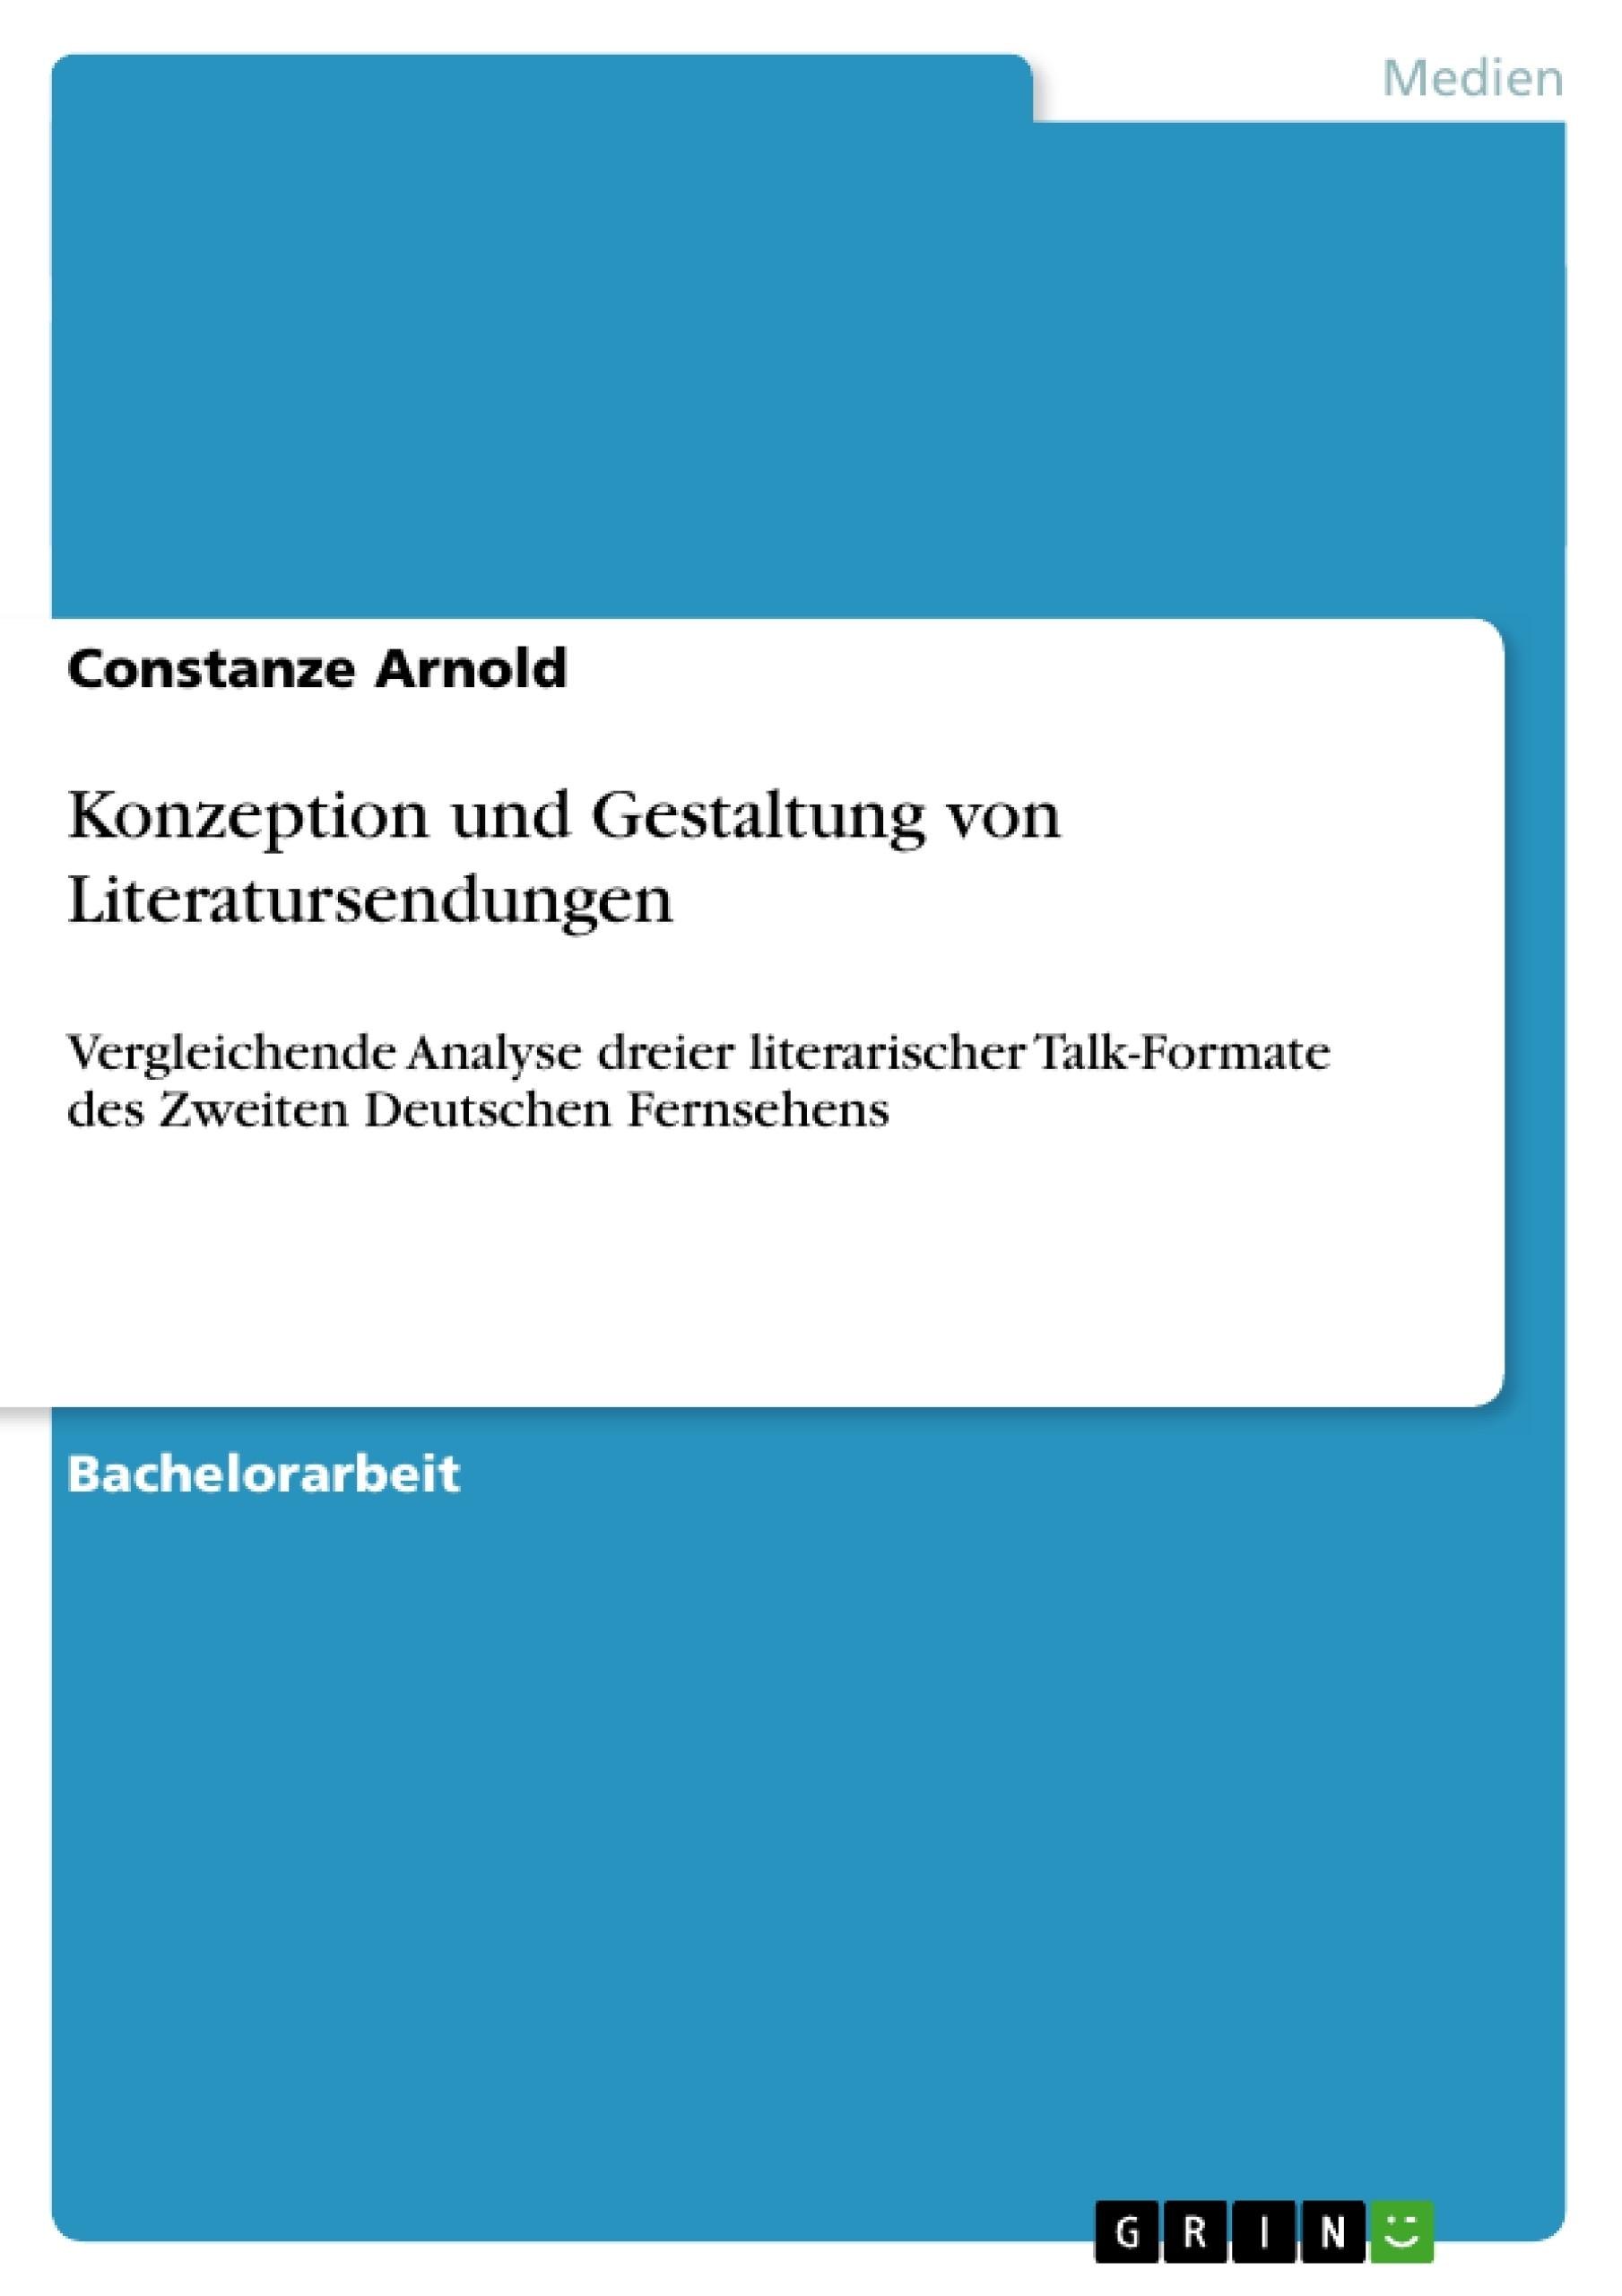 Titel: Konzeption und Gestaltung von Literatursendungen